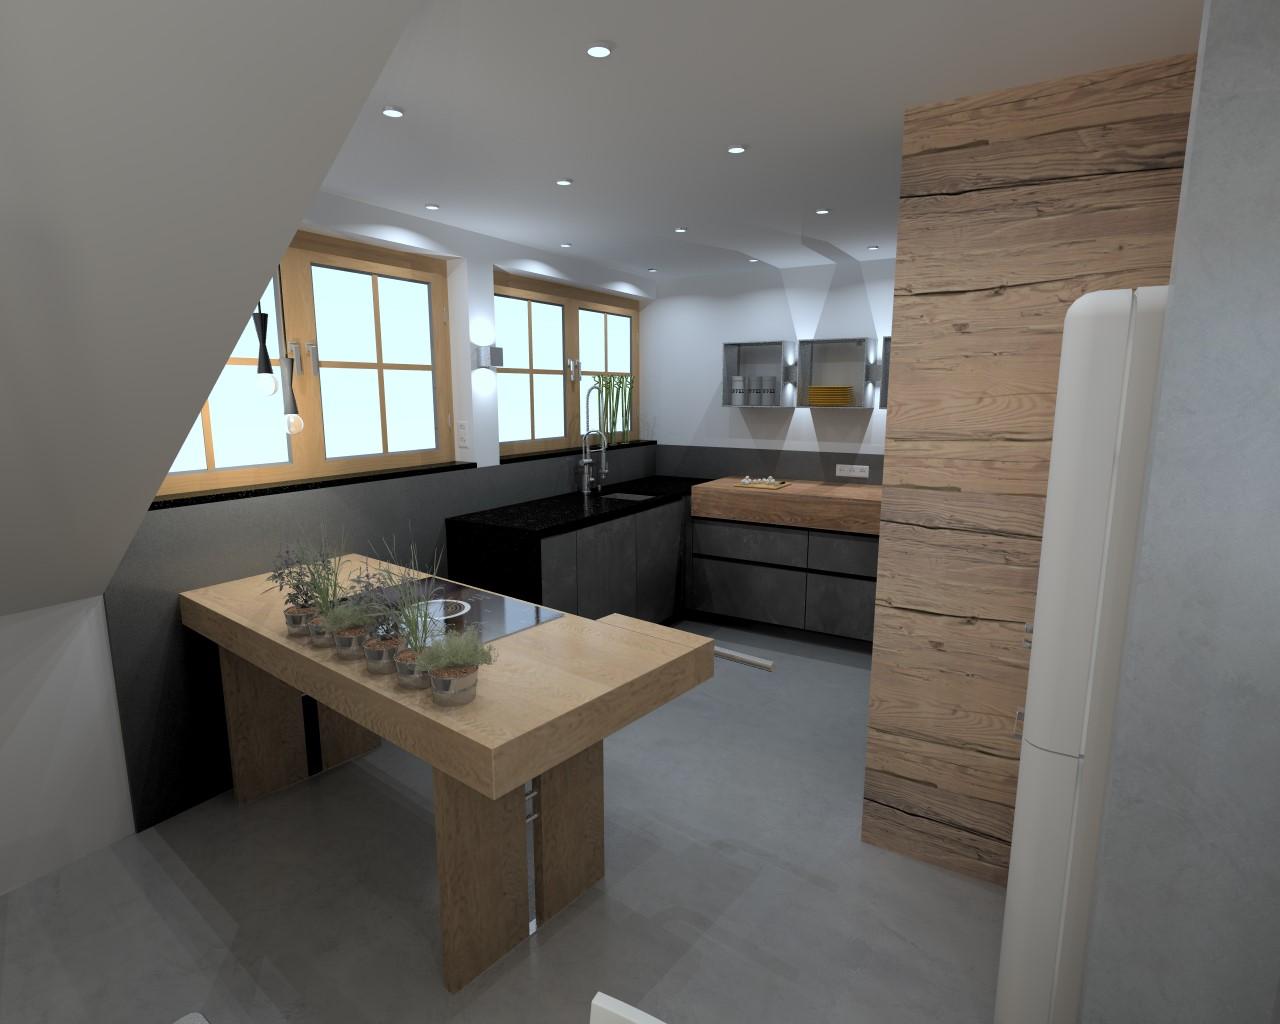 Hobelbank Küche küchenwerkstatt amberg hobelbank